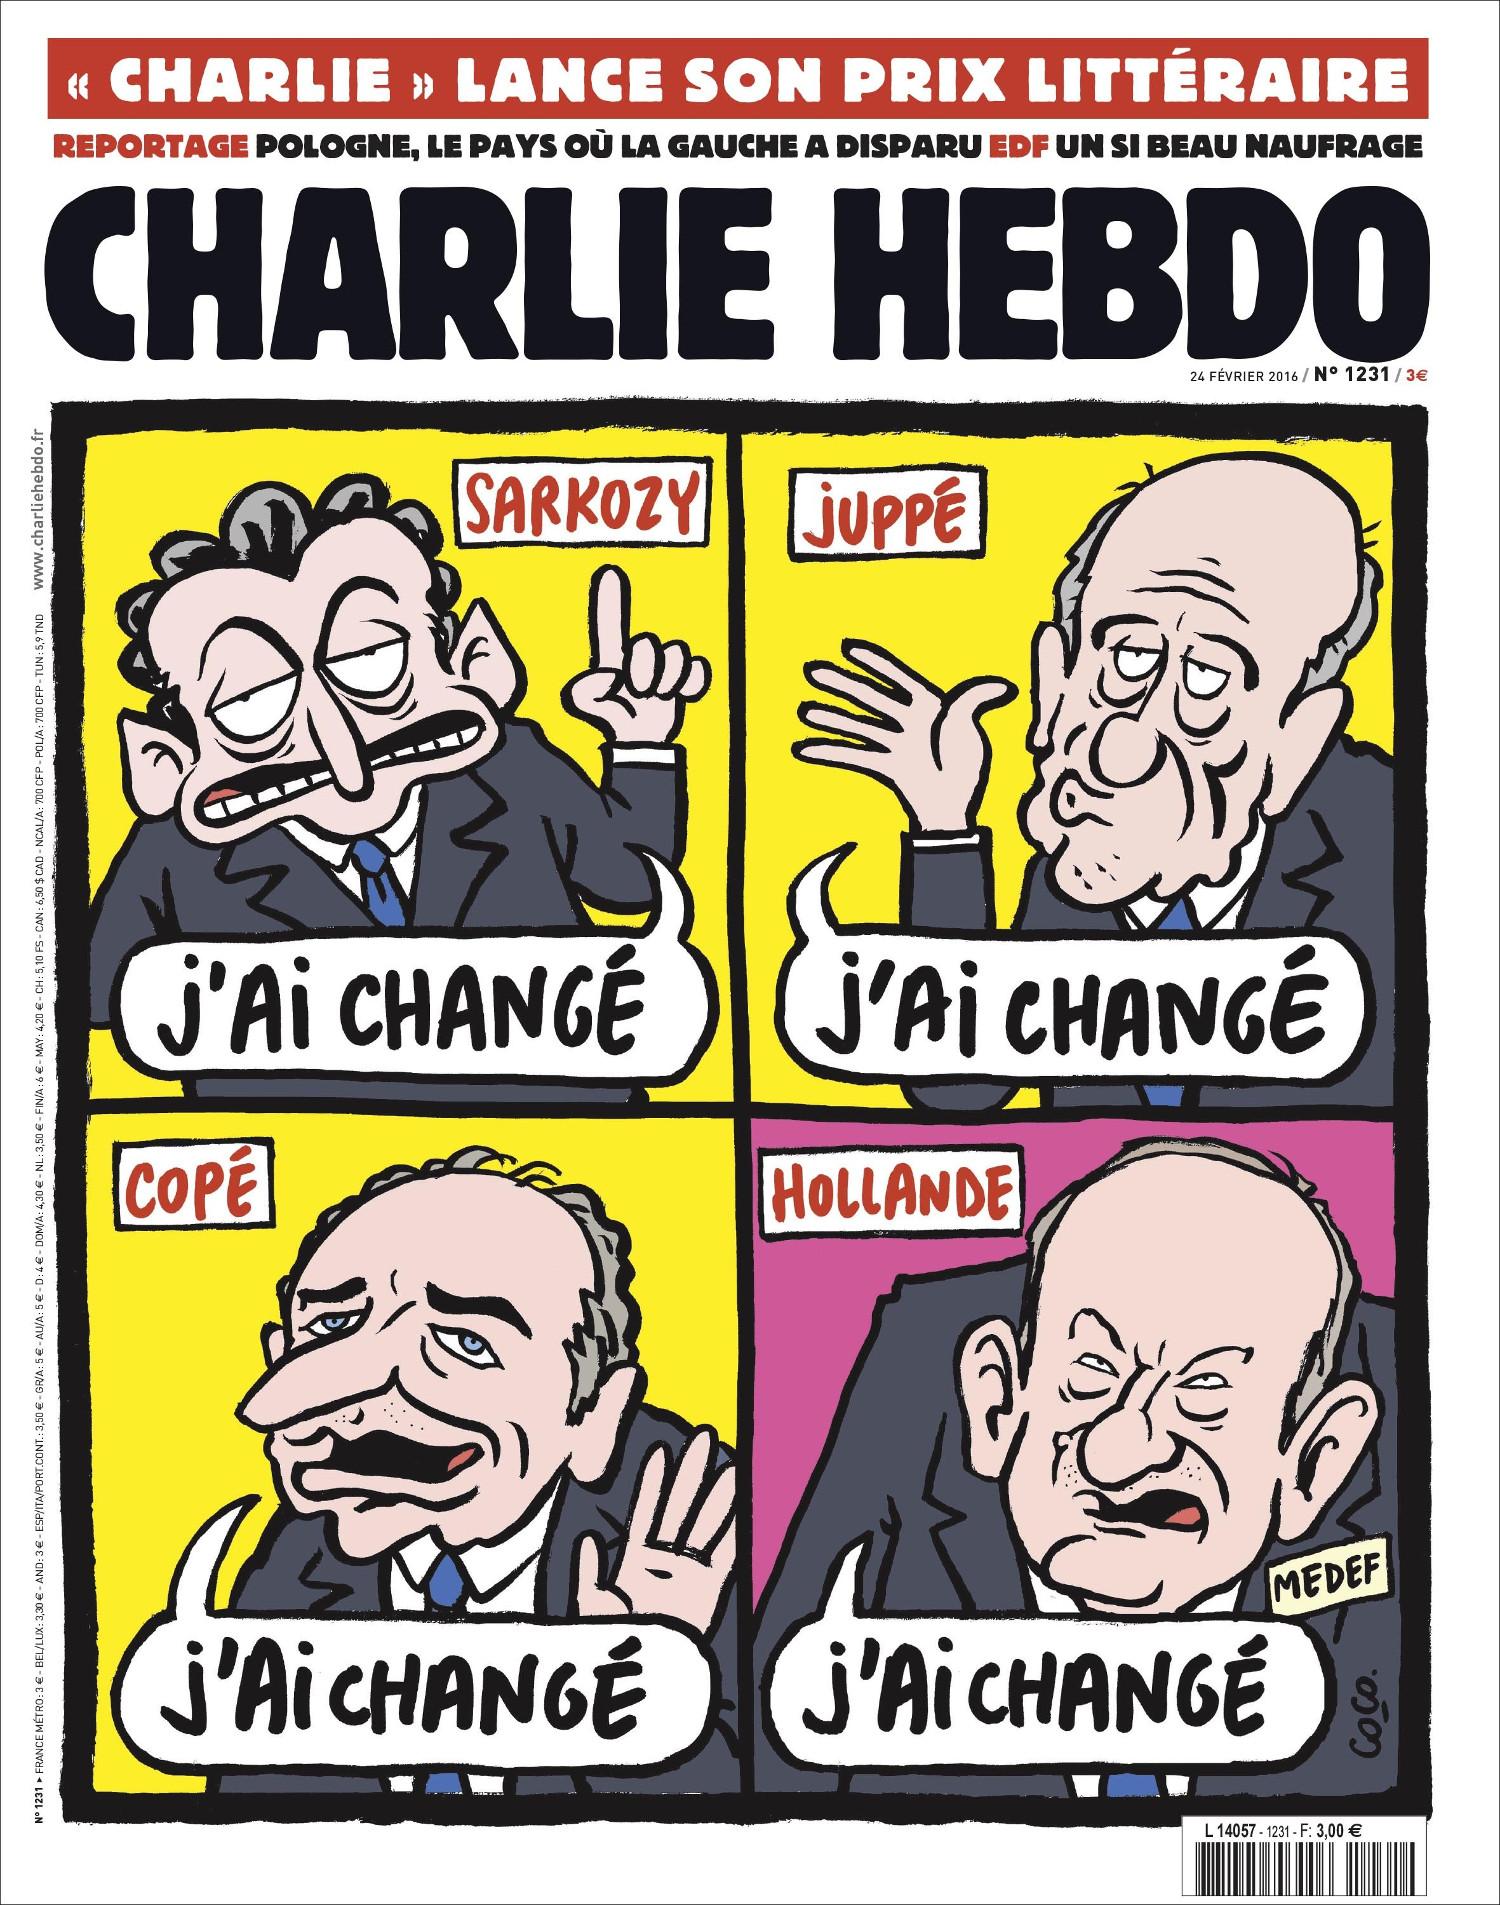 Charlie Hebdo n°1231 --- 24 fevrier 2016